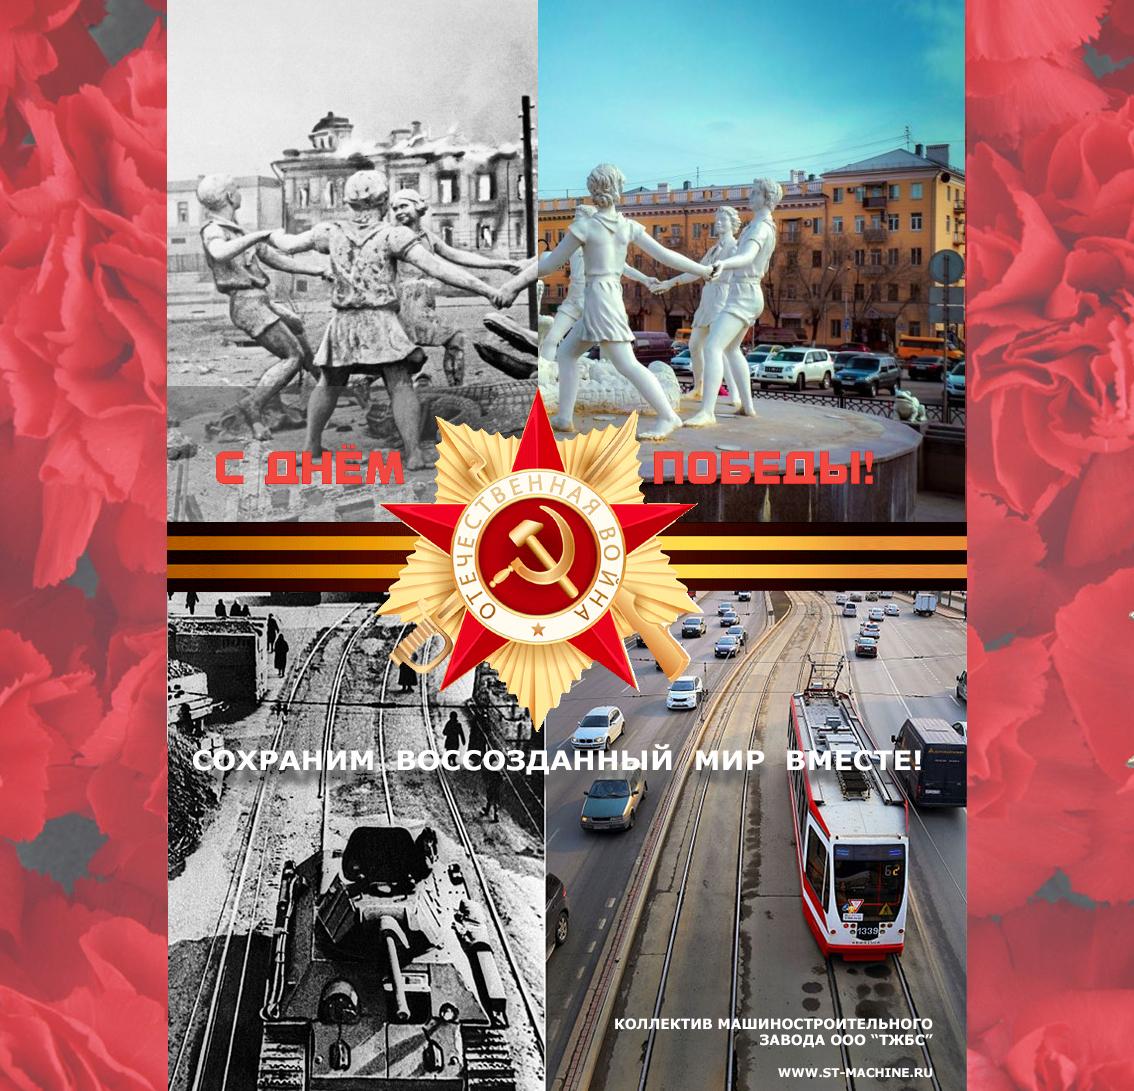 с-днём-великой-победы-великой-отечественной-войне-1941-1945-помним-гордимся-коллектив-завода-ст-машин-st-machine.ru-73-года-со-дня-победы.jpg